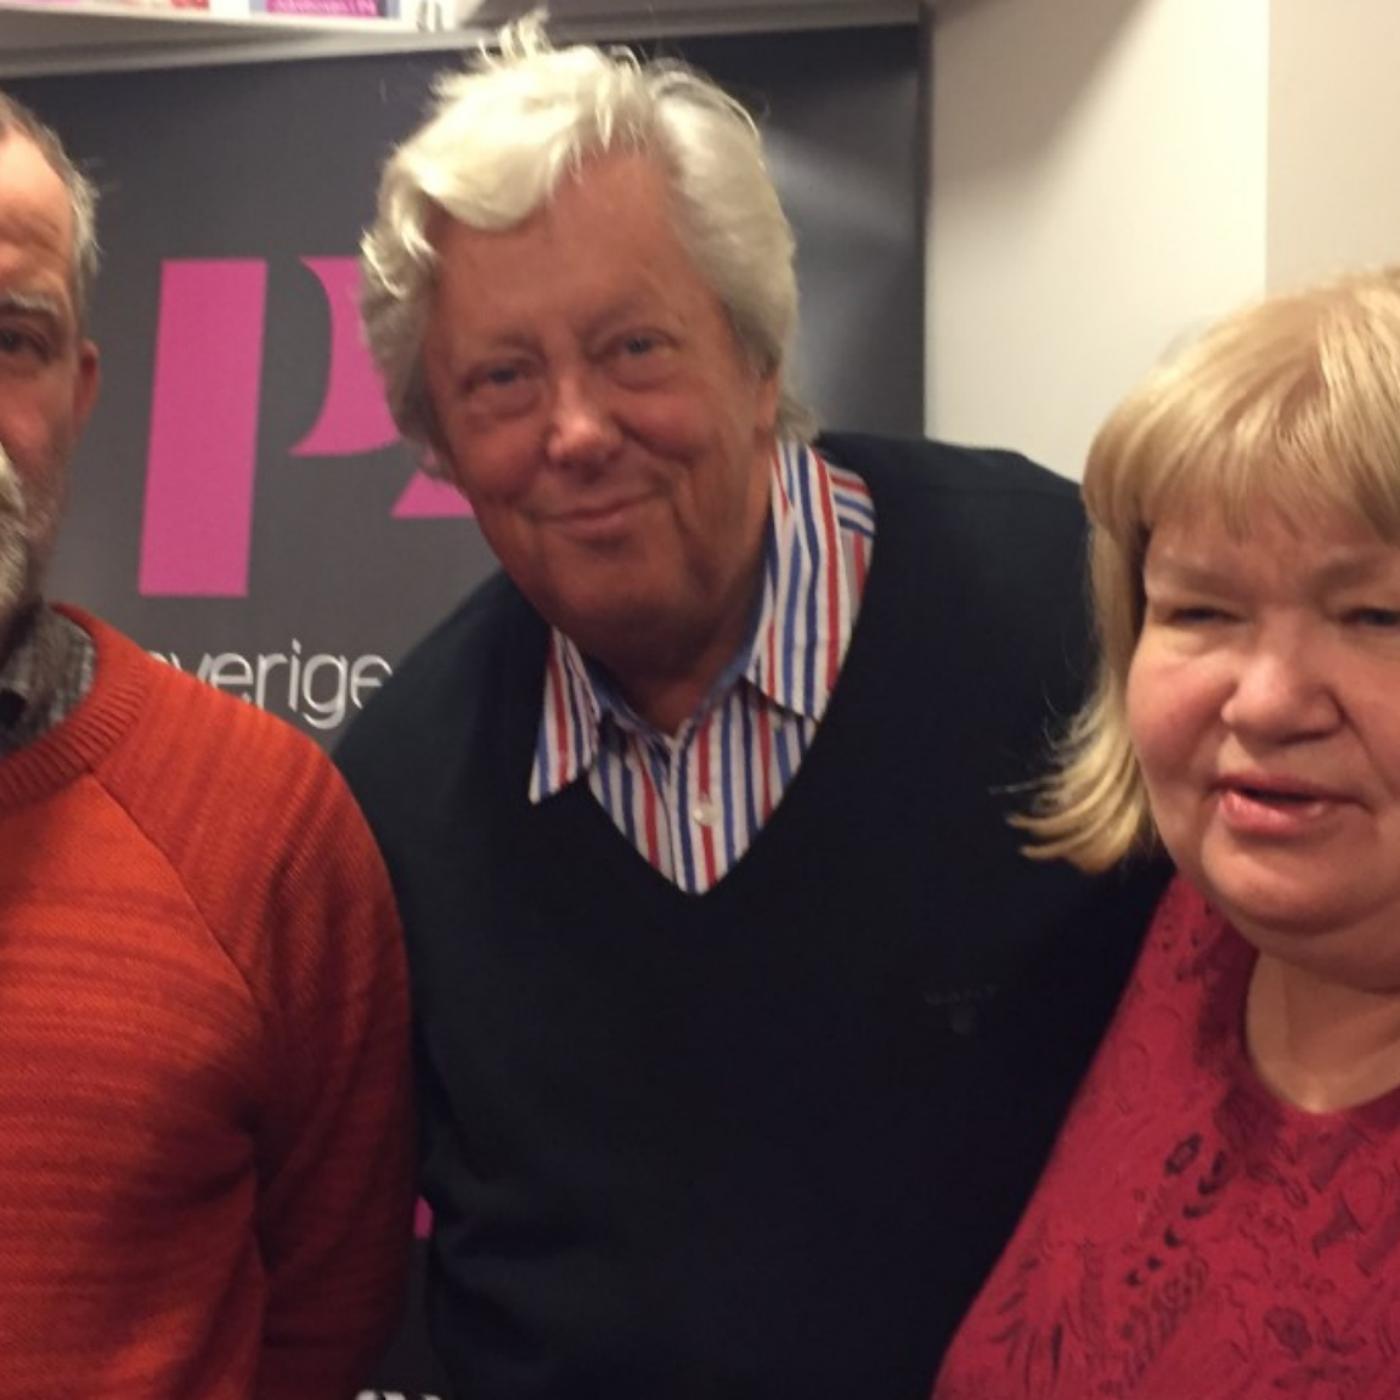 Pelle Holmberg: Livet har tagit en överraskande vändning